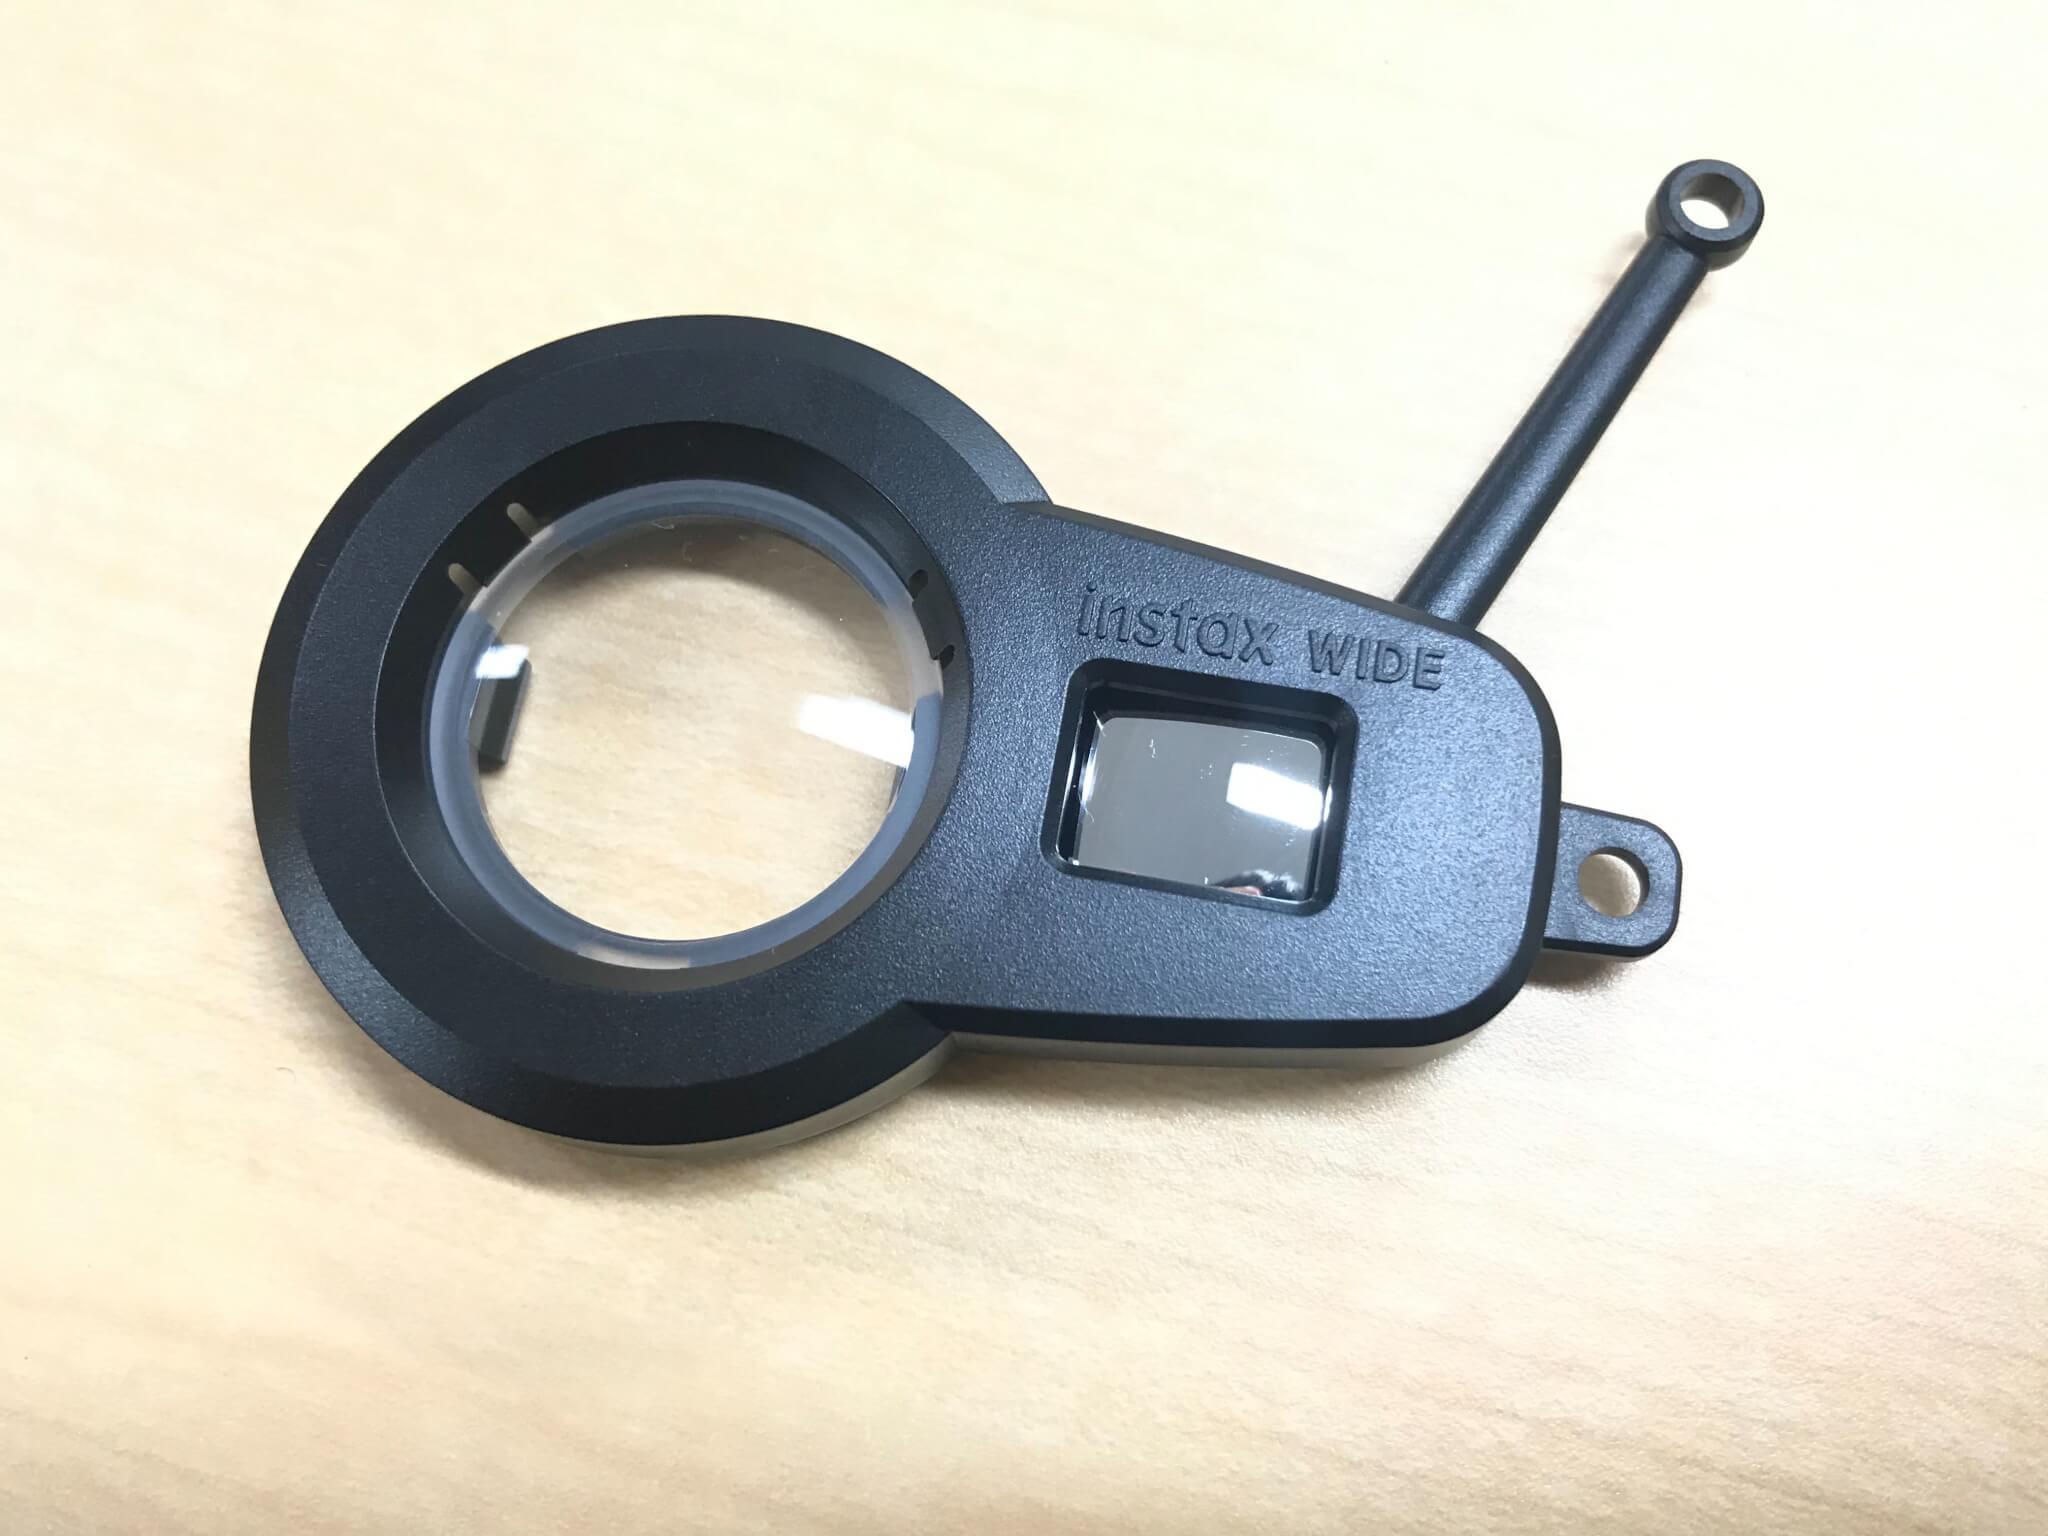 チェキ instax WIDE300 付属の接写レンズでマクロ撮影・自撮りもOK